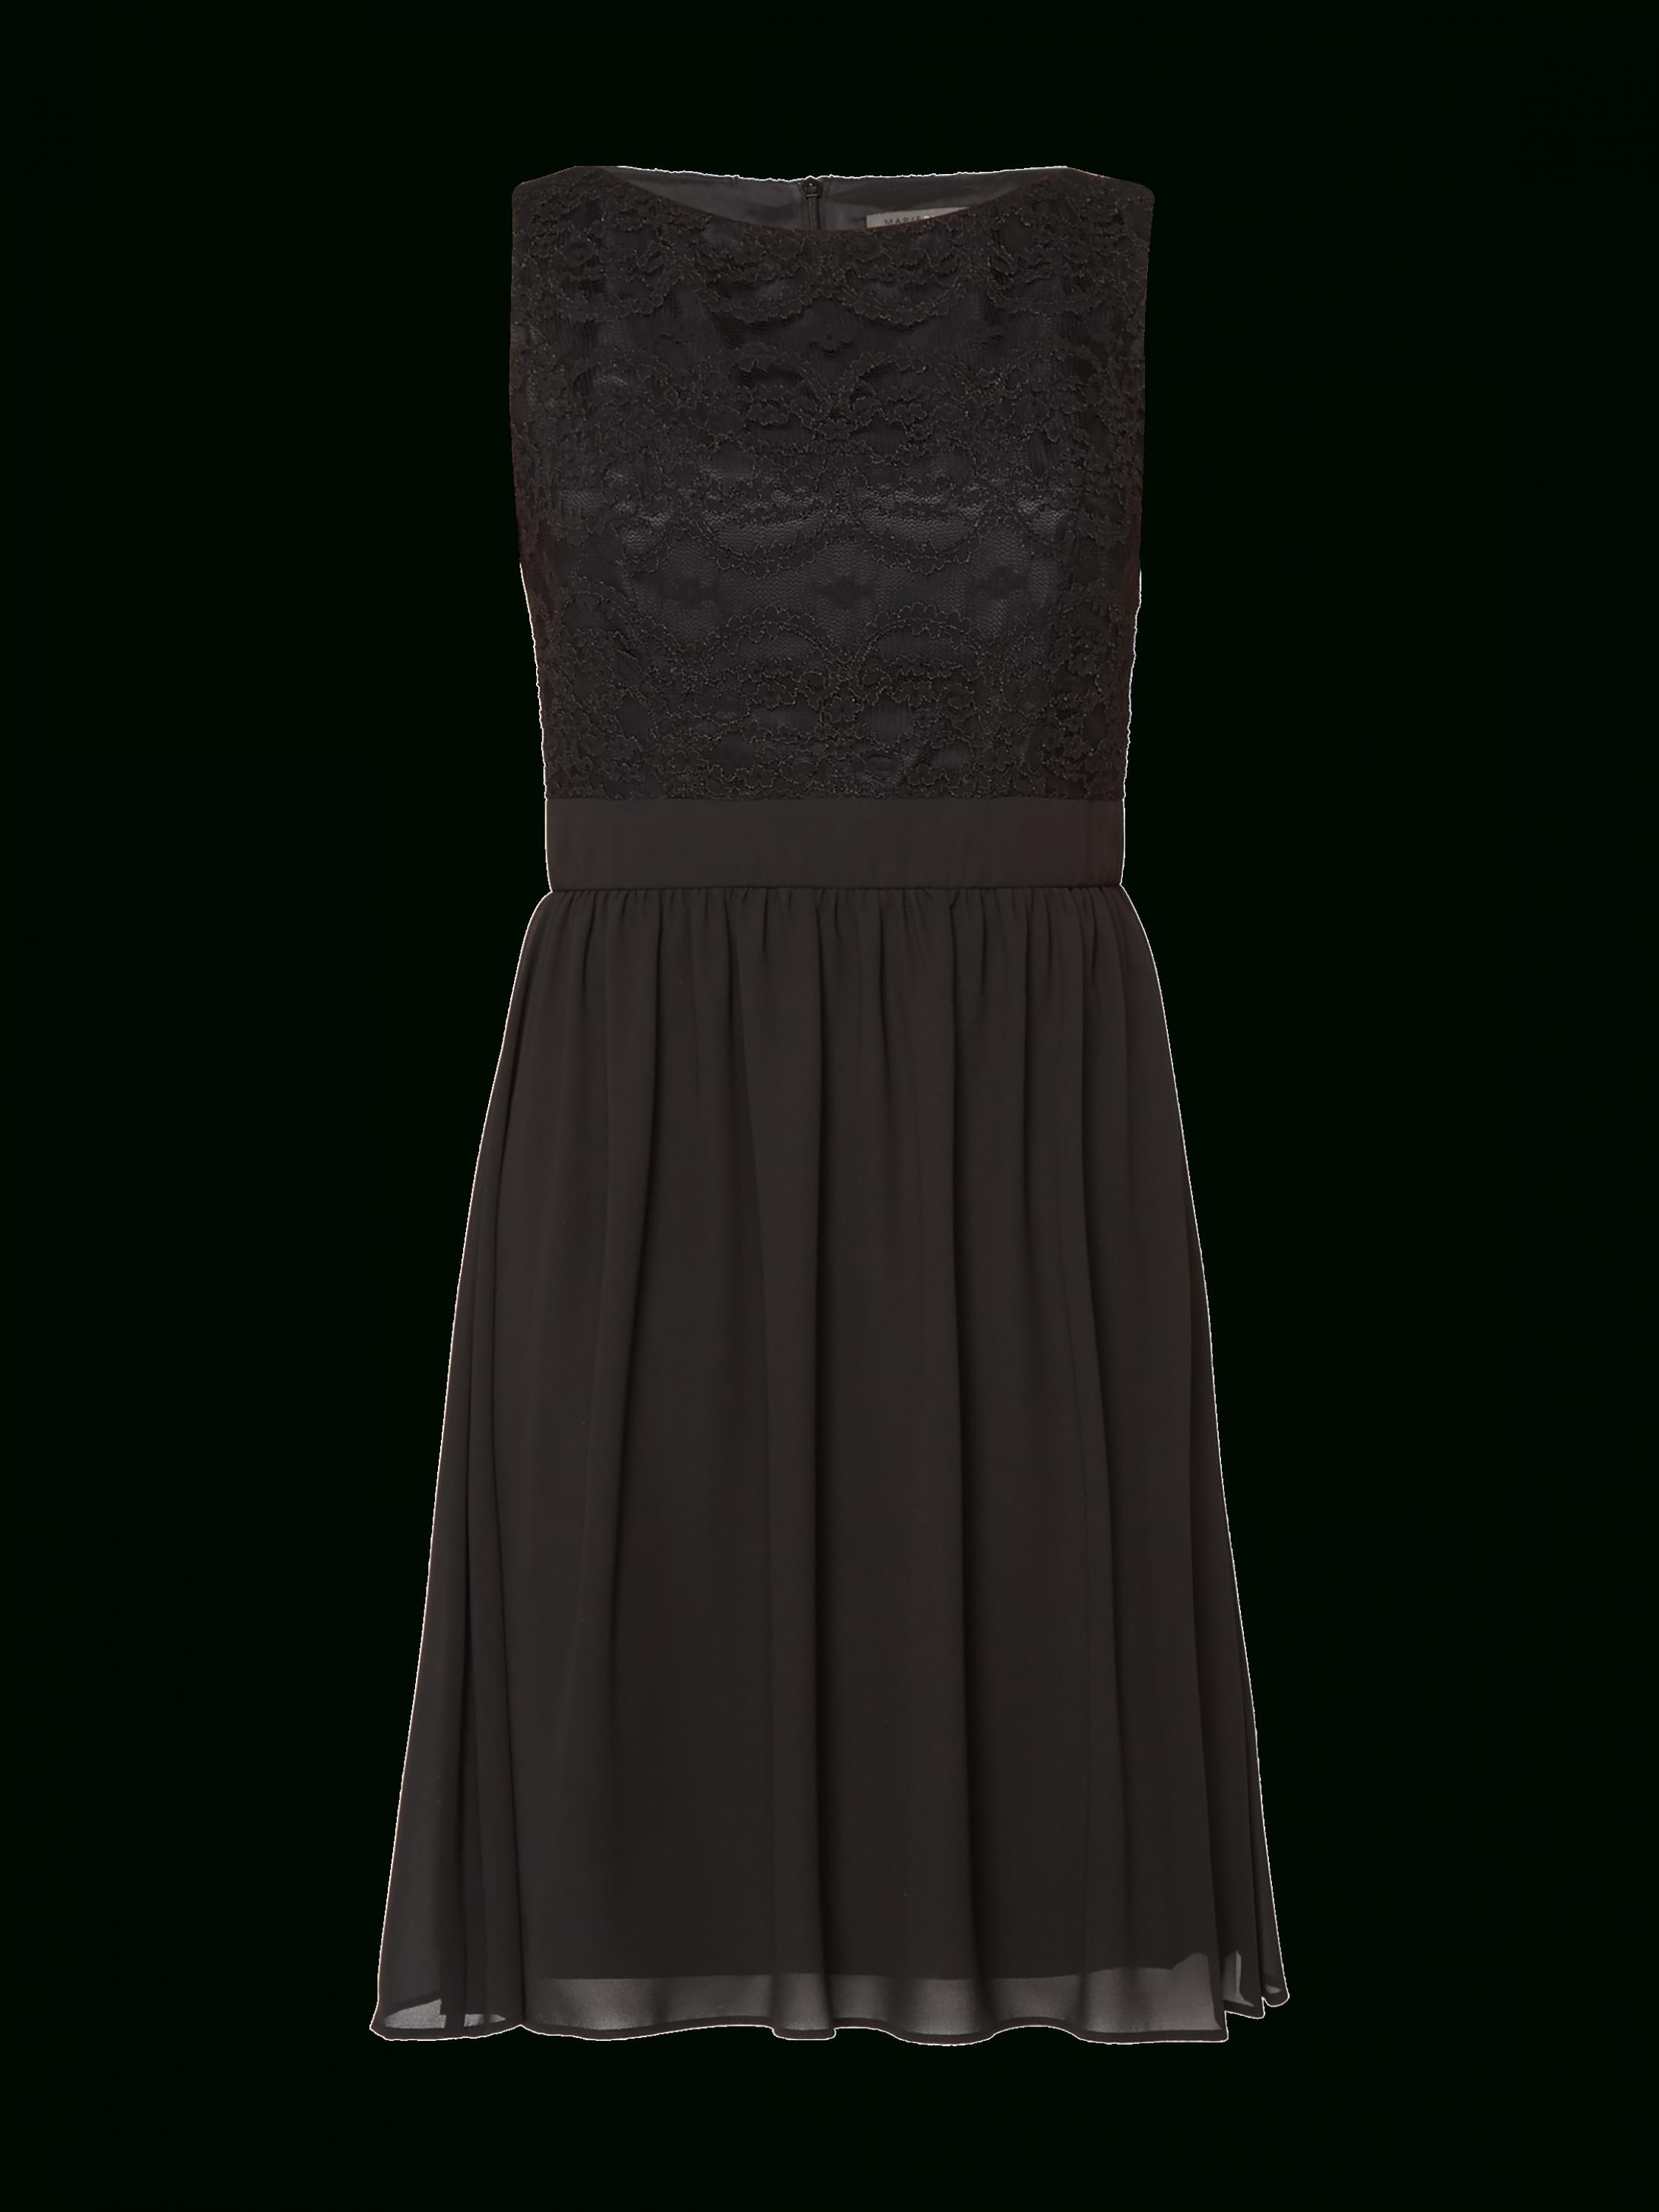 15 schöne firmkleider | kleider, modestil, konfirmationskleider